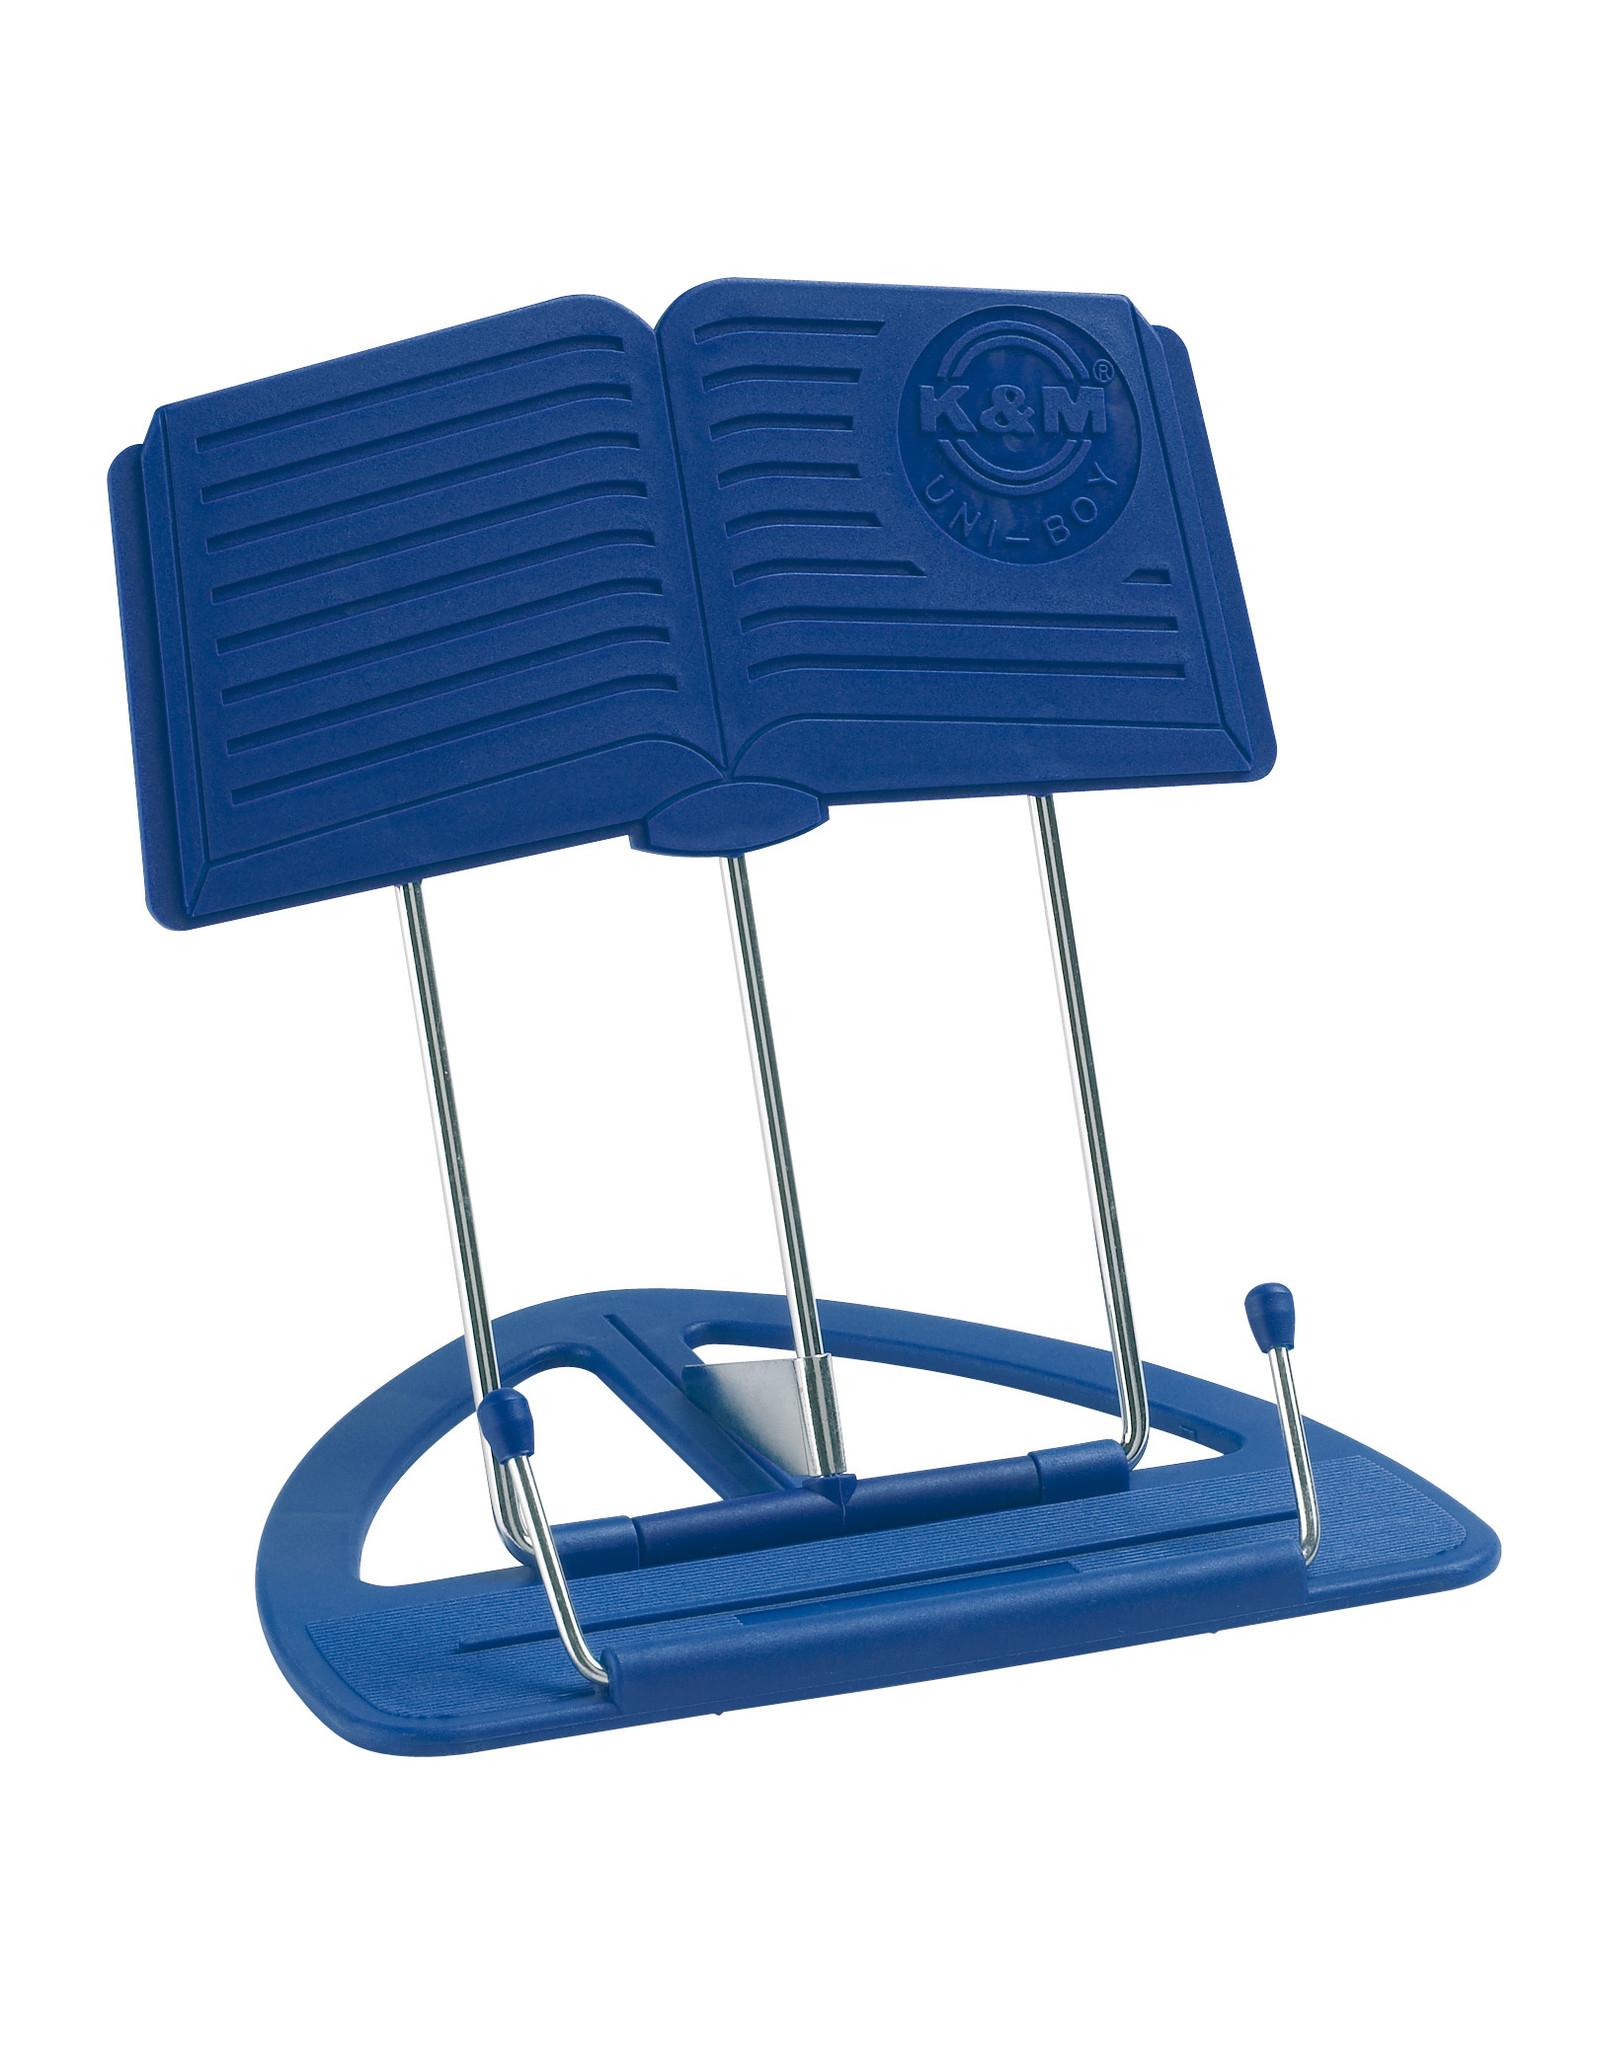 K & M K&M 12450 tafel lessenaar blauw